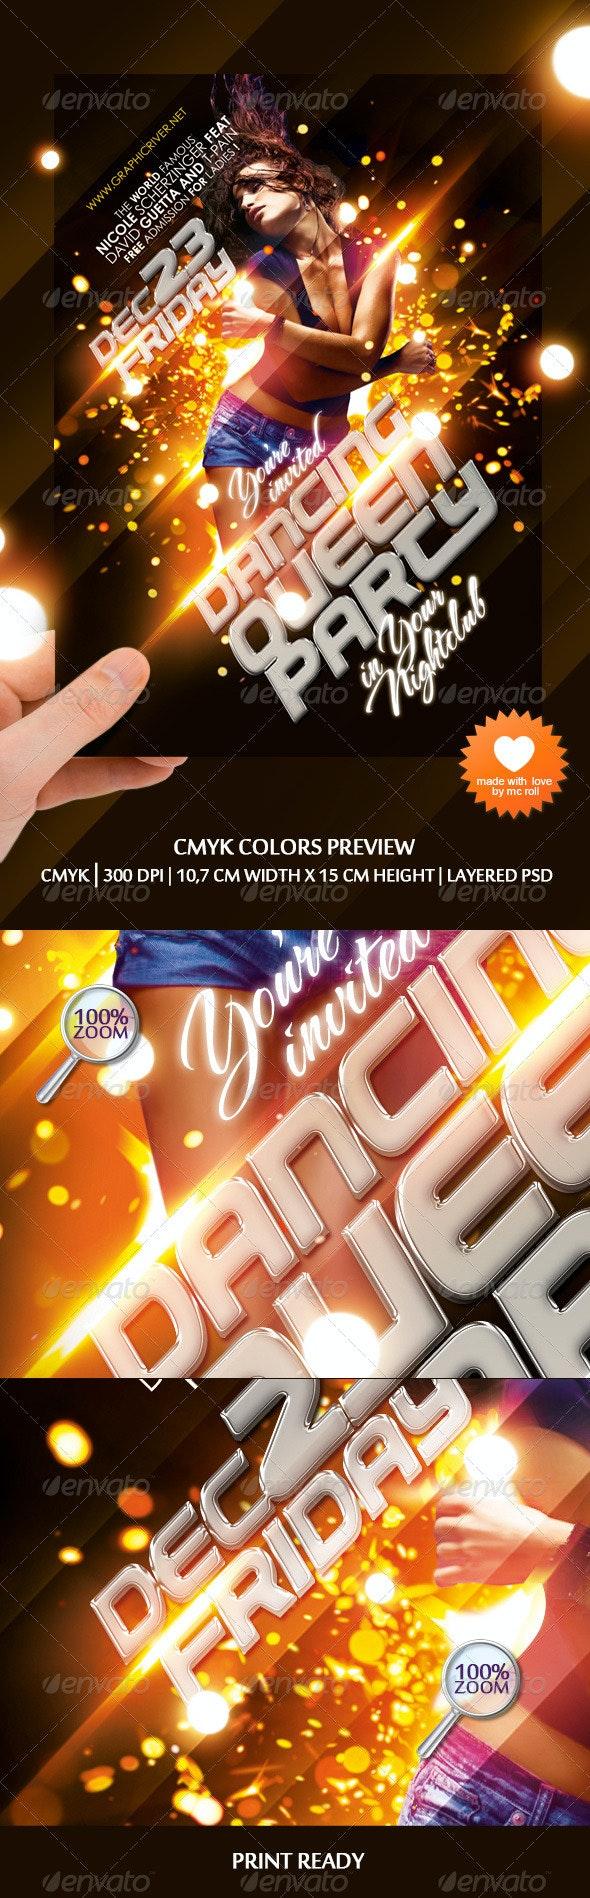 Dancing Queen Party Flyer - Clubs & Parties Events